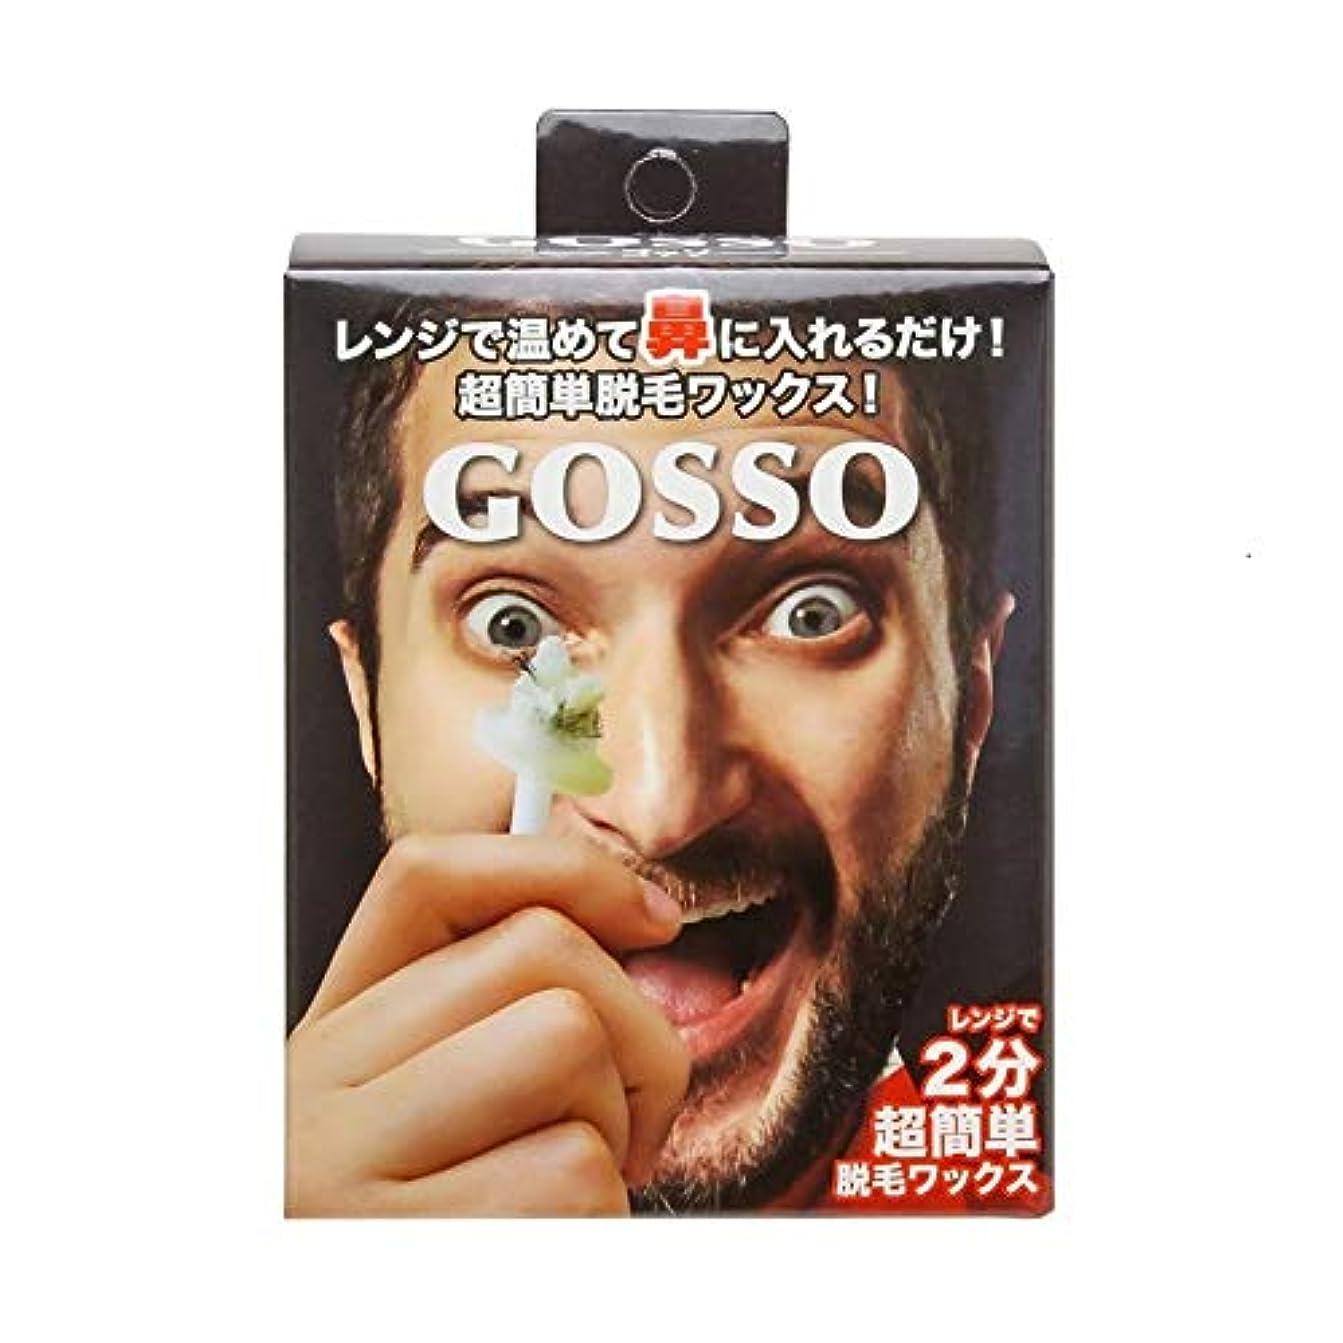 カレッジスラム街妖精GOSSO ゴッソ (ブラジリアンワックス鼻毛脱毛セット)